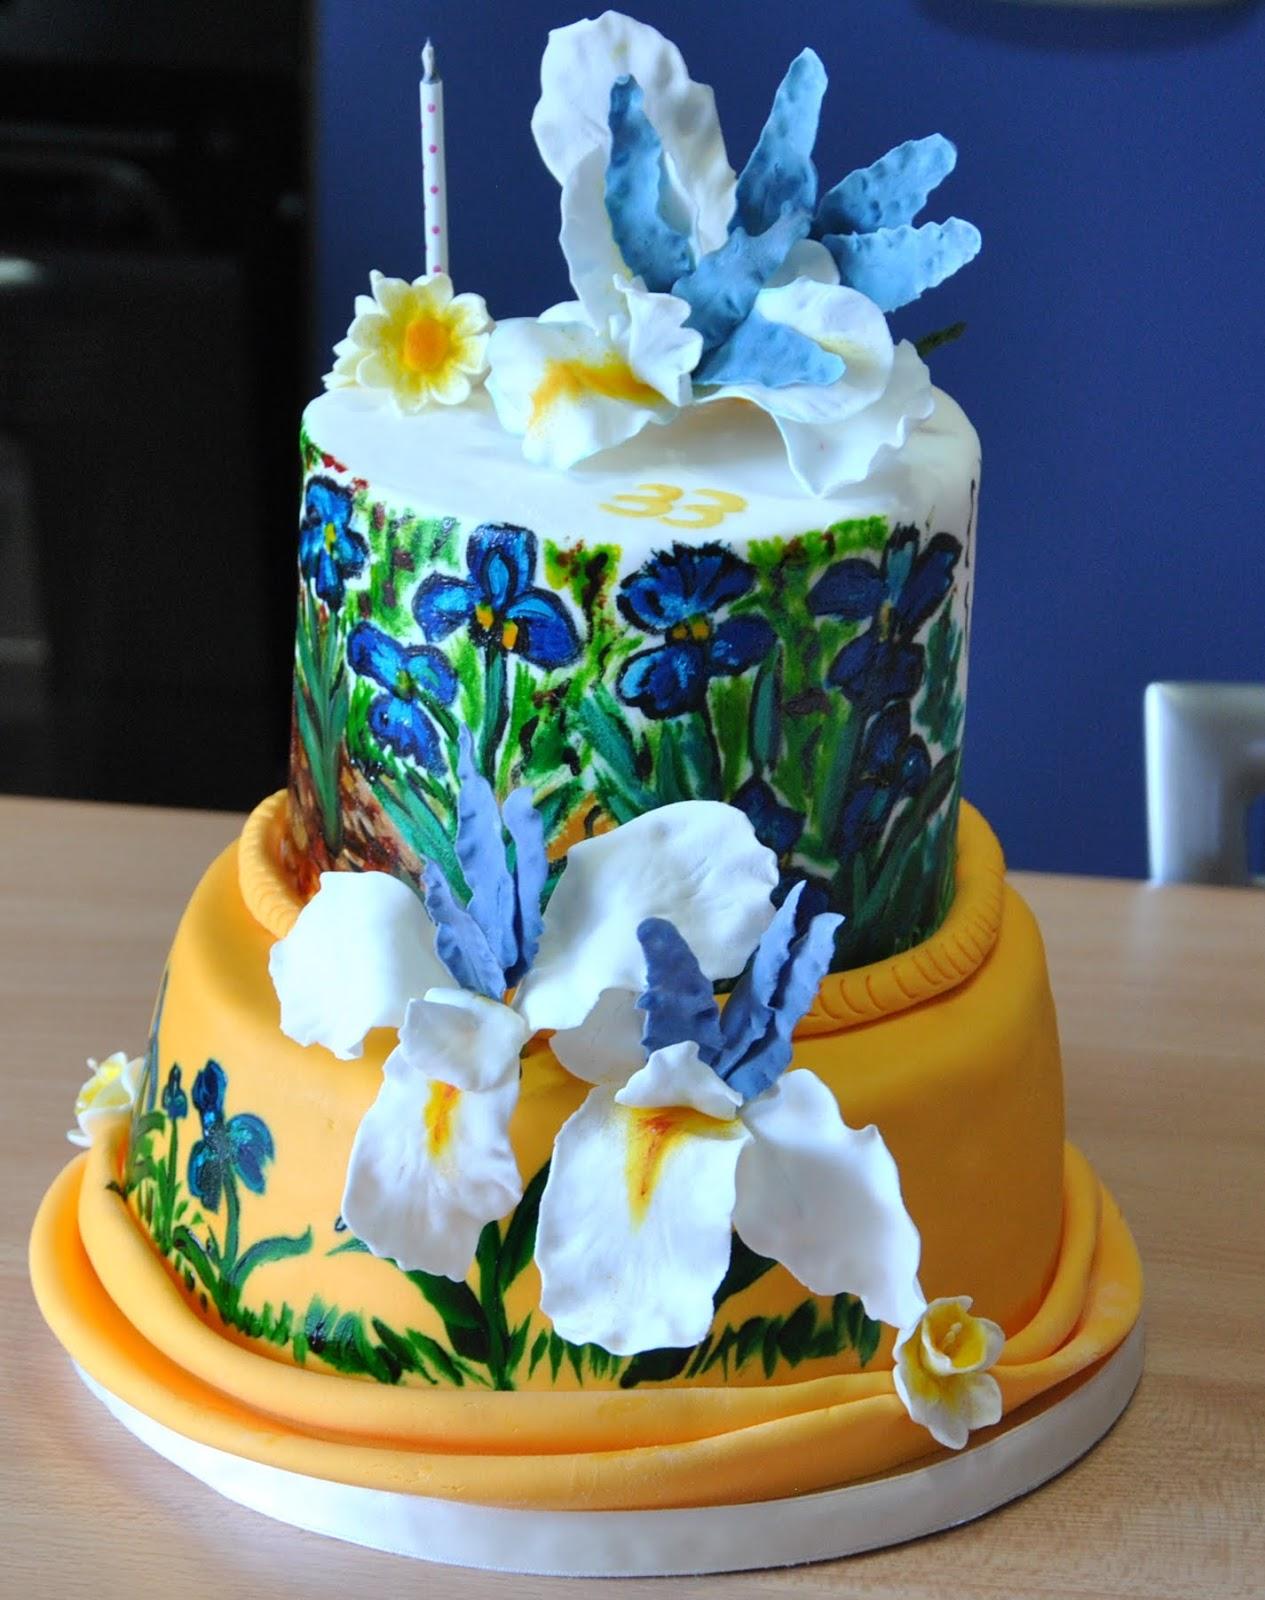 Le Torte Decorate Di Cetty G Iris Paint Cake Dentro Il